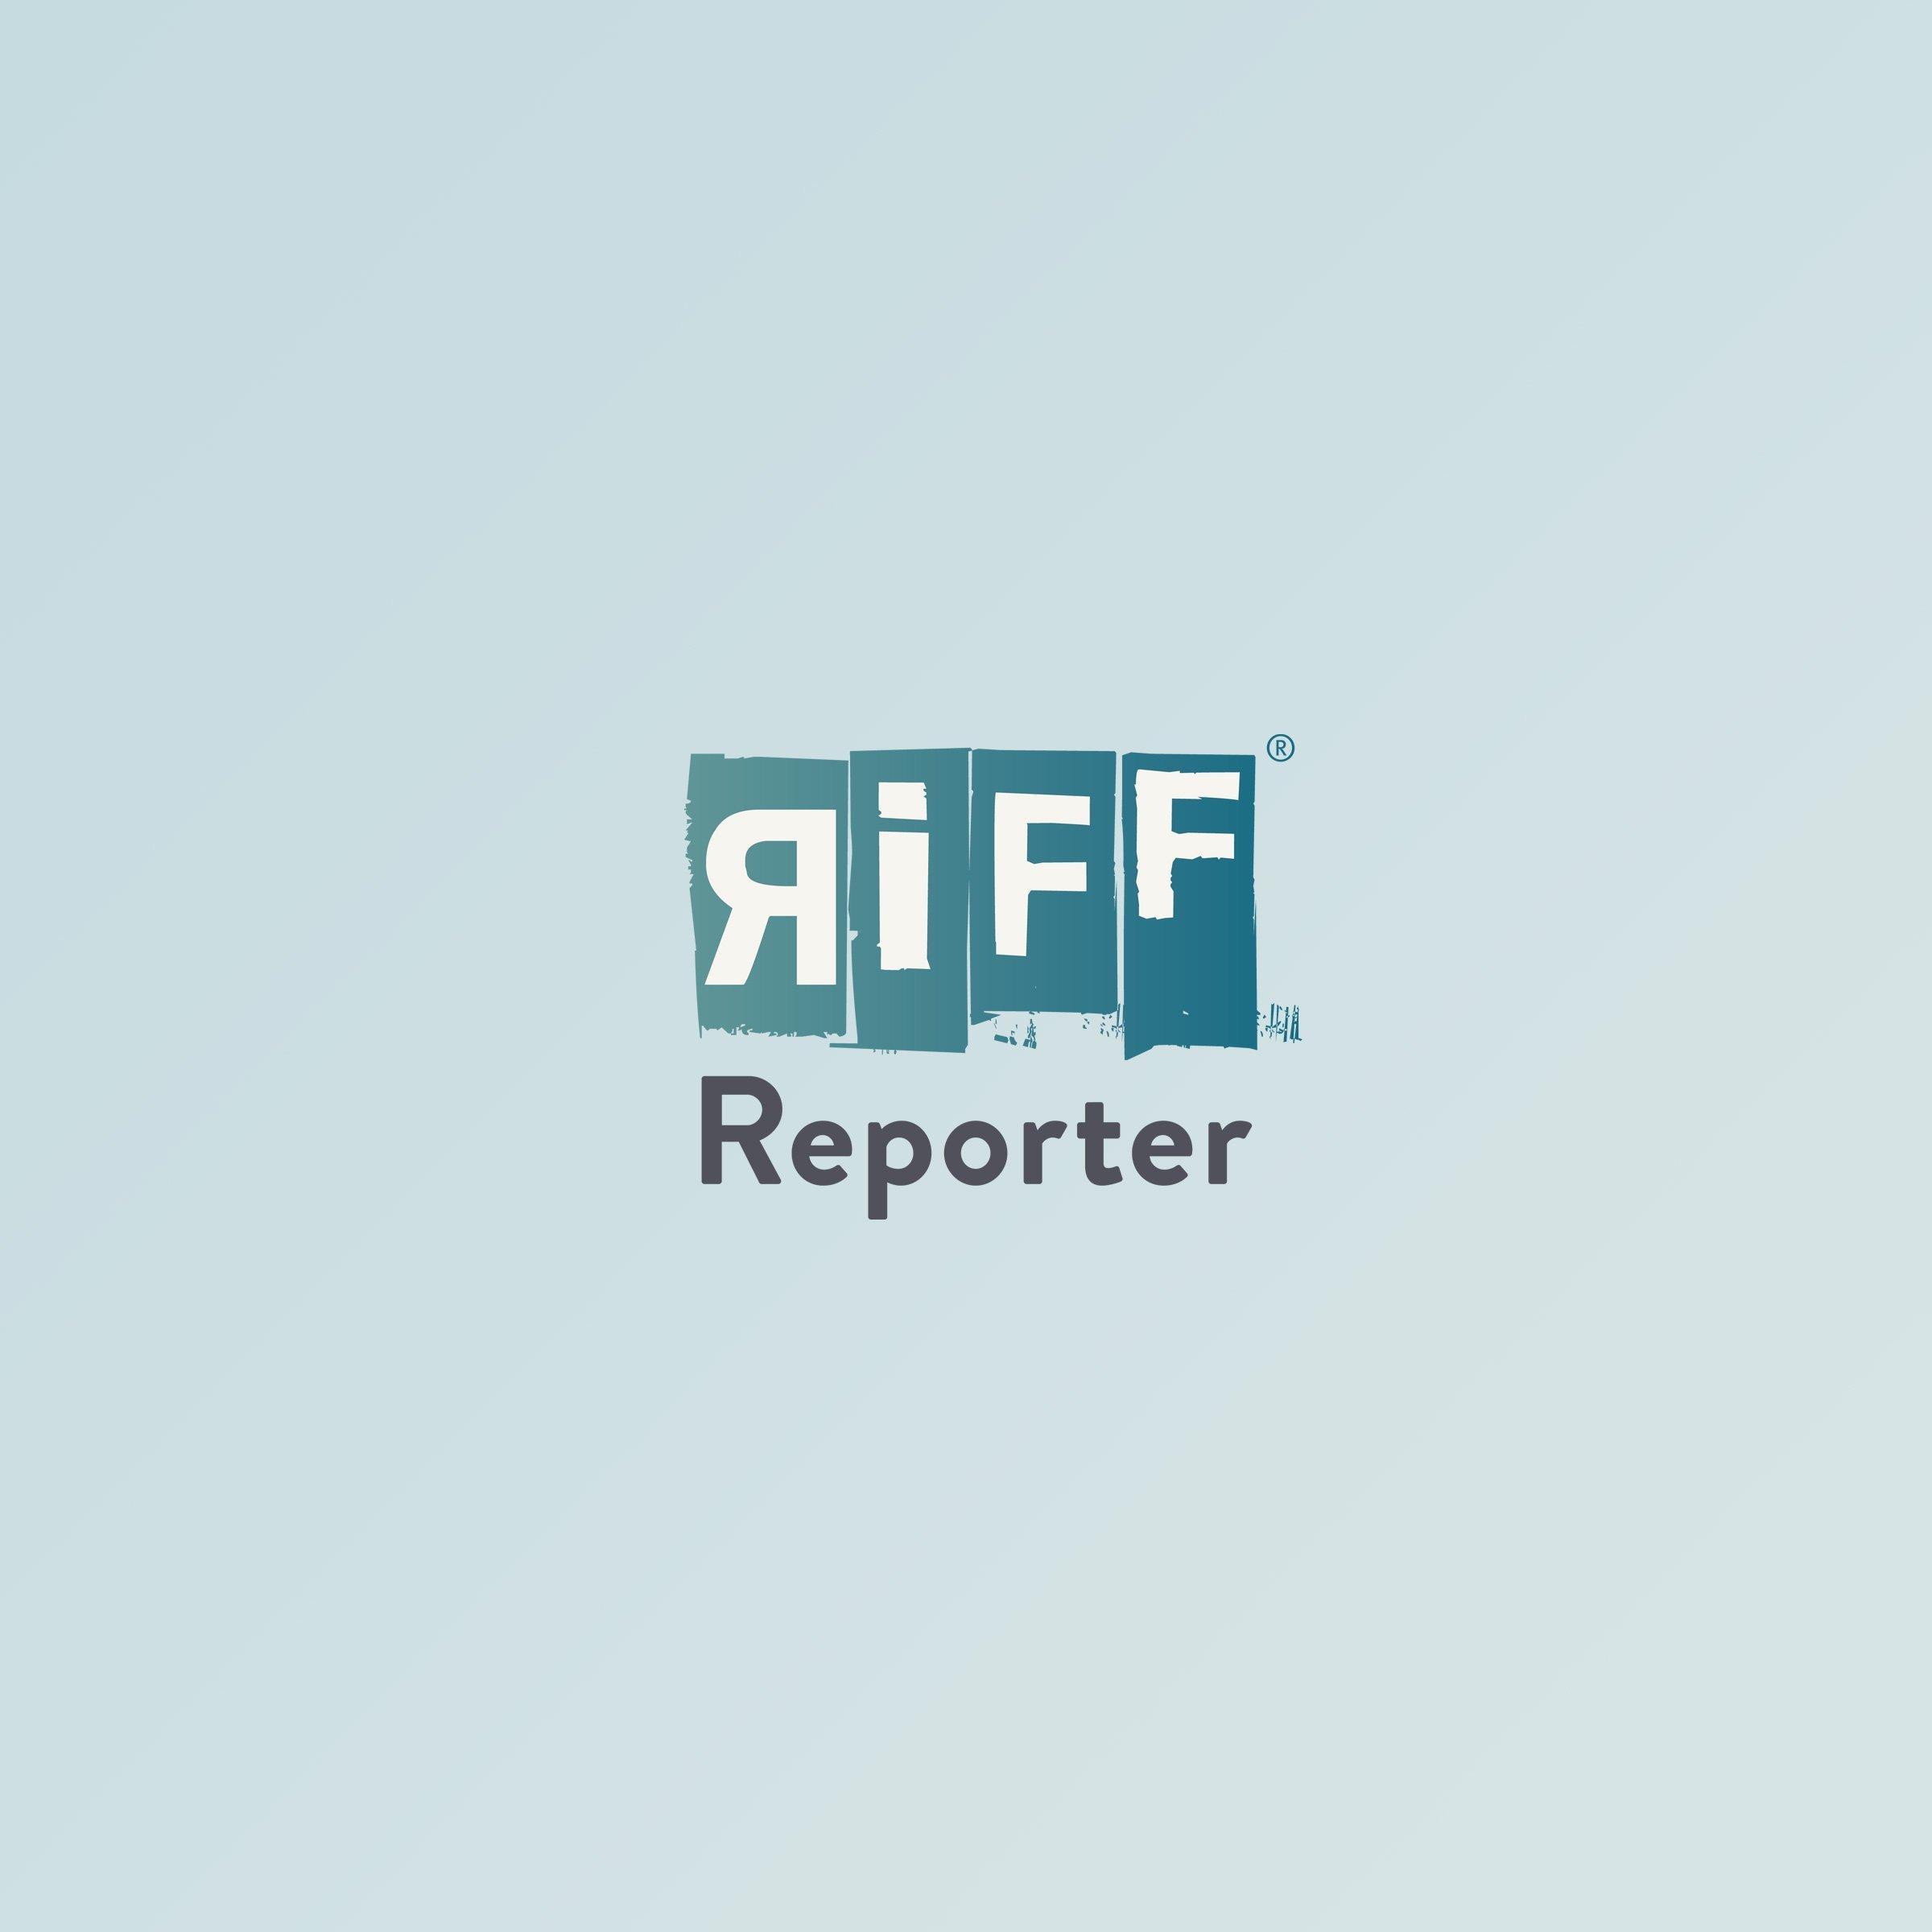 Der Blick von der frisch reparierten Brücke der Bundestraße B9auf das Flussbett der Ahr zeigt Mitte September 2021, wie das Hochwasser die Ufer links und rechts erheblich verbreiterte und ein großes Kiesbett hinterließ.